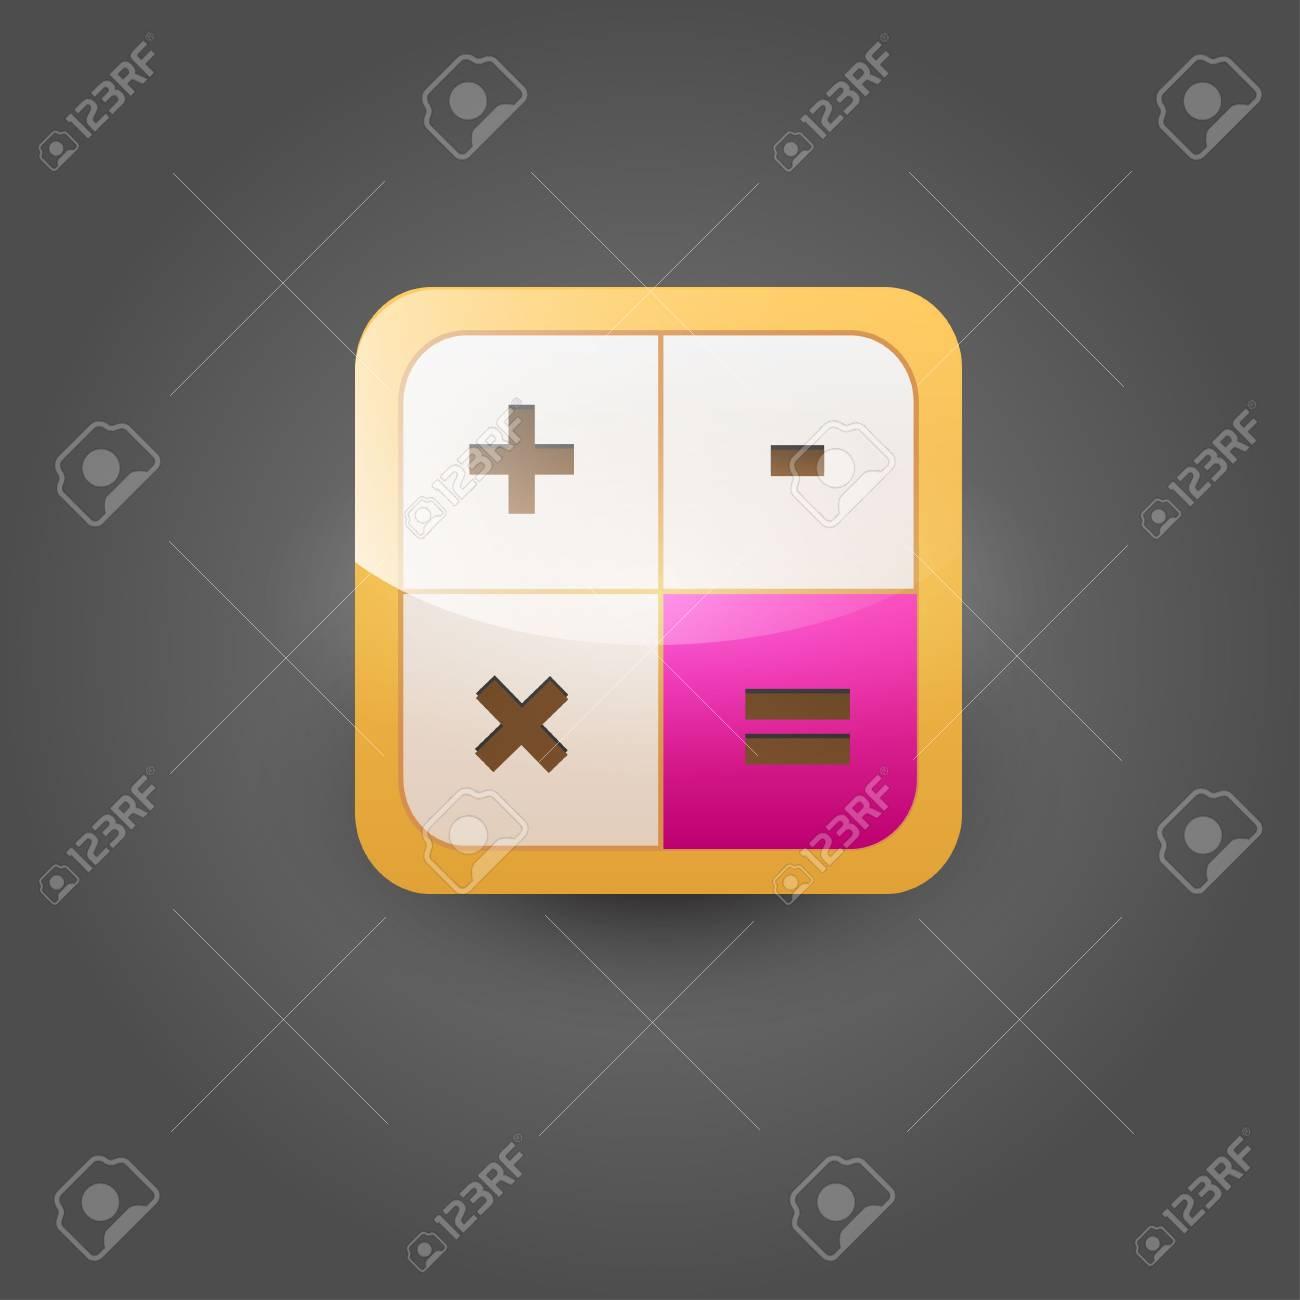 User interface calculator icon Stock Vector - 21314301